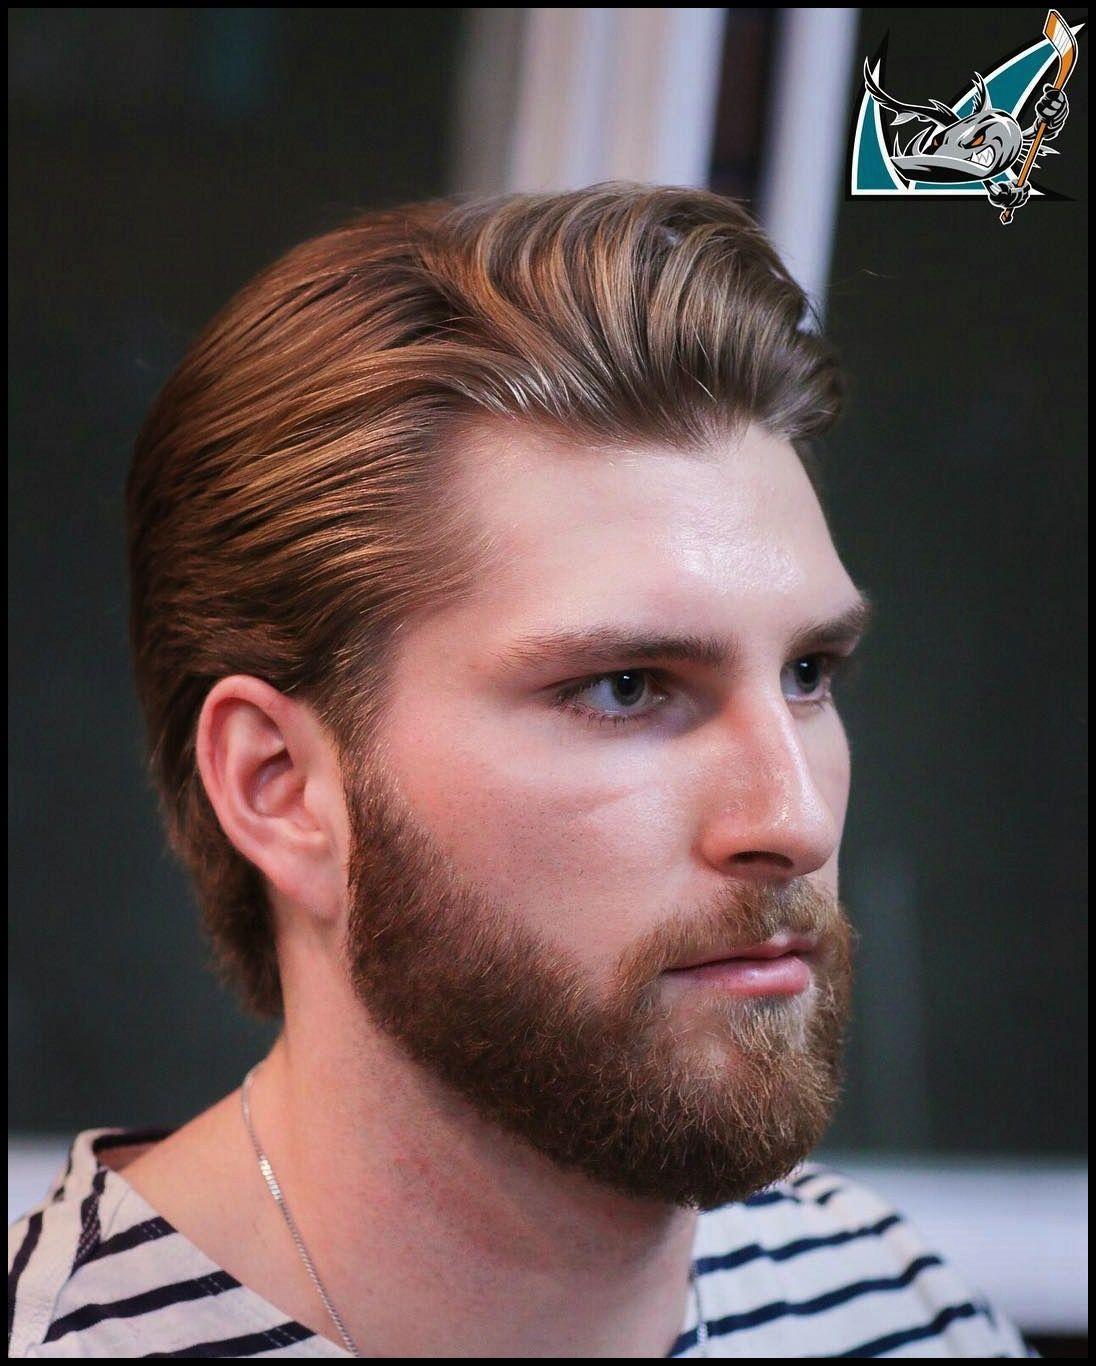 Wie Sie Ihr Haar wachsen lassen (Männer Tutorial) | Haare ...